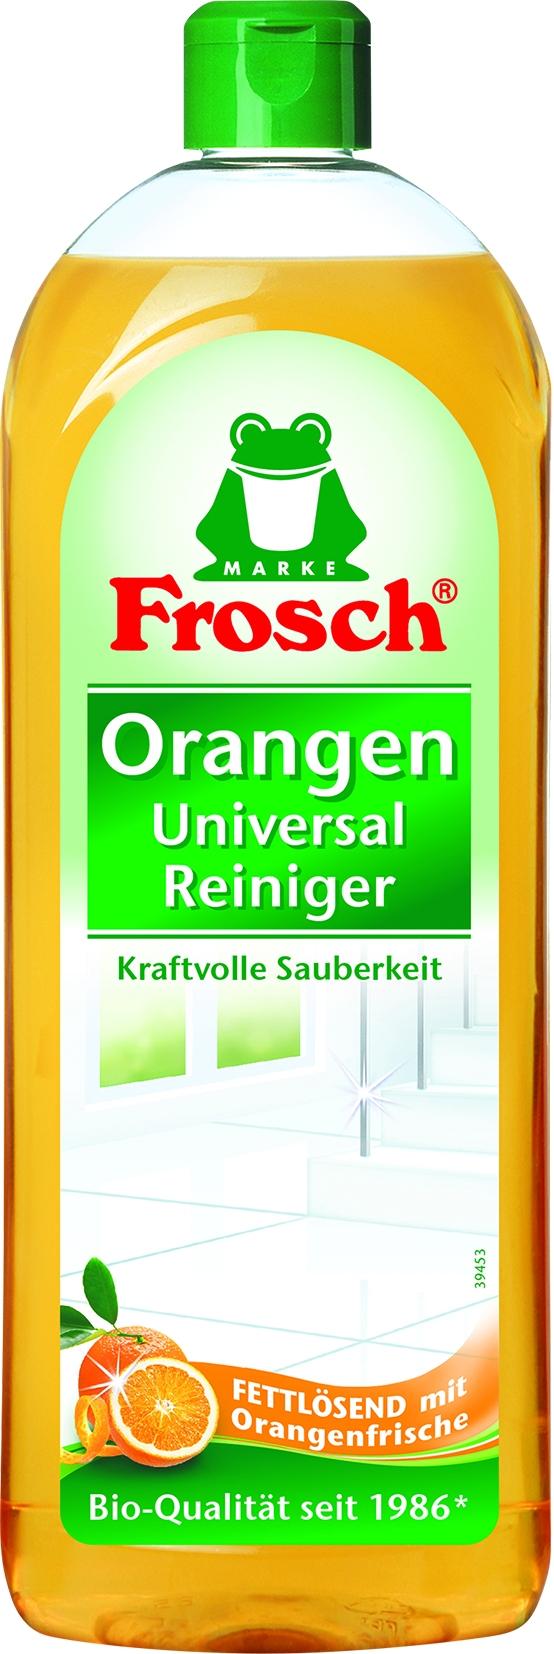 Orange Universal Reiniger